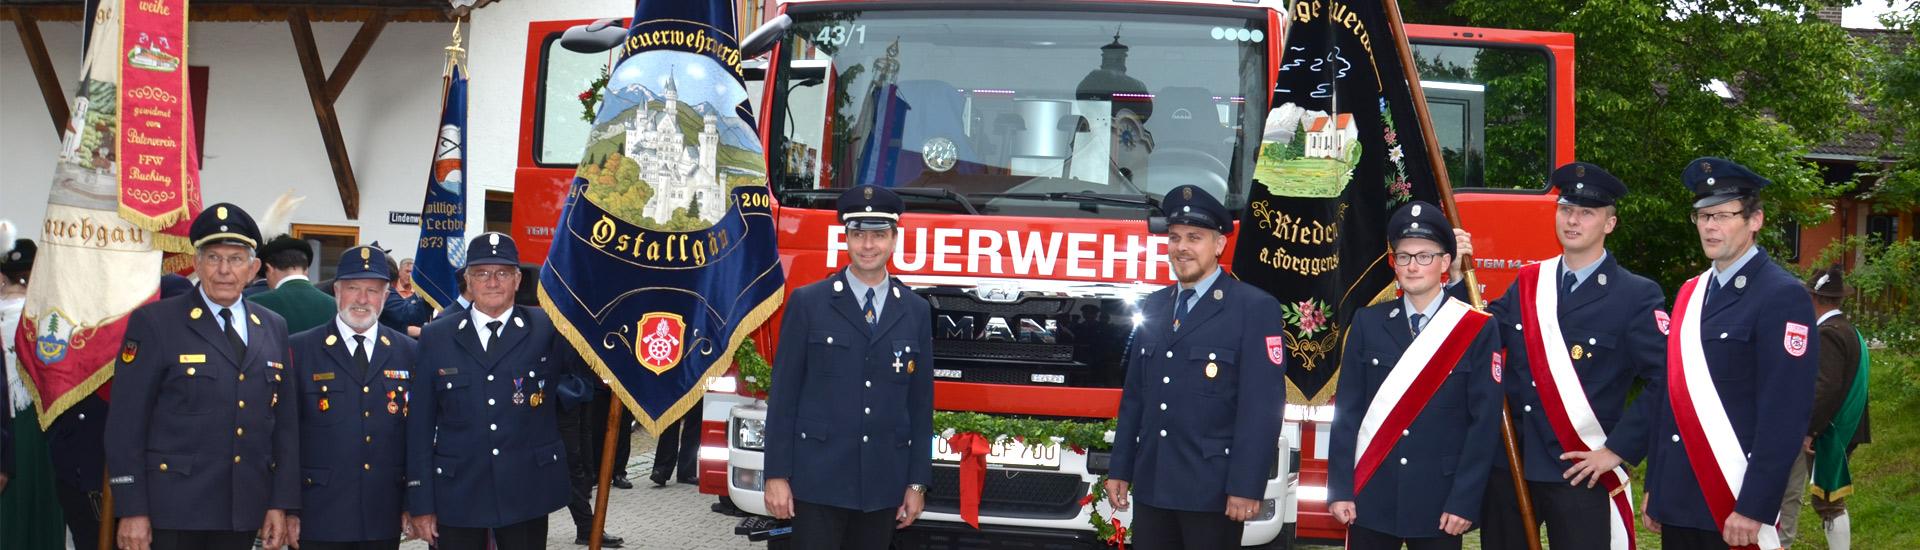 LF 10 mit Fahnen des Kreisfeuerwehrvereins und des Vereins